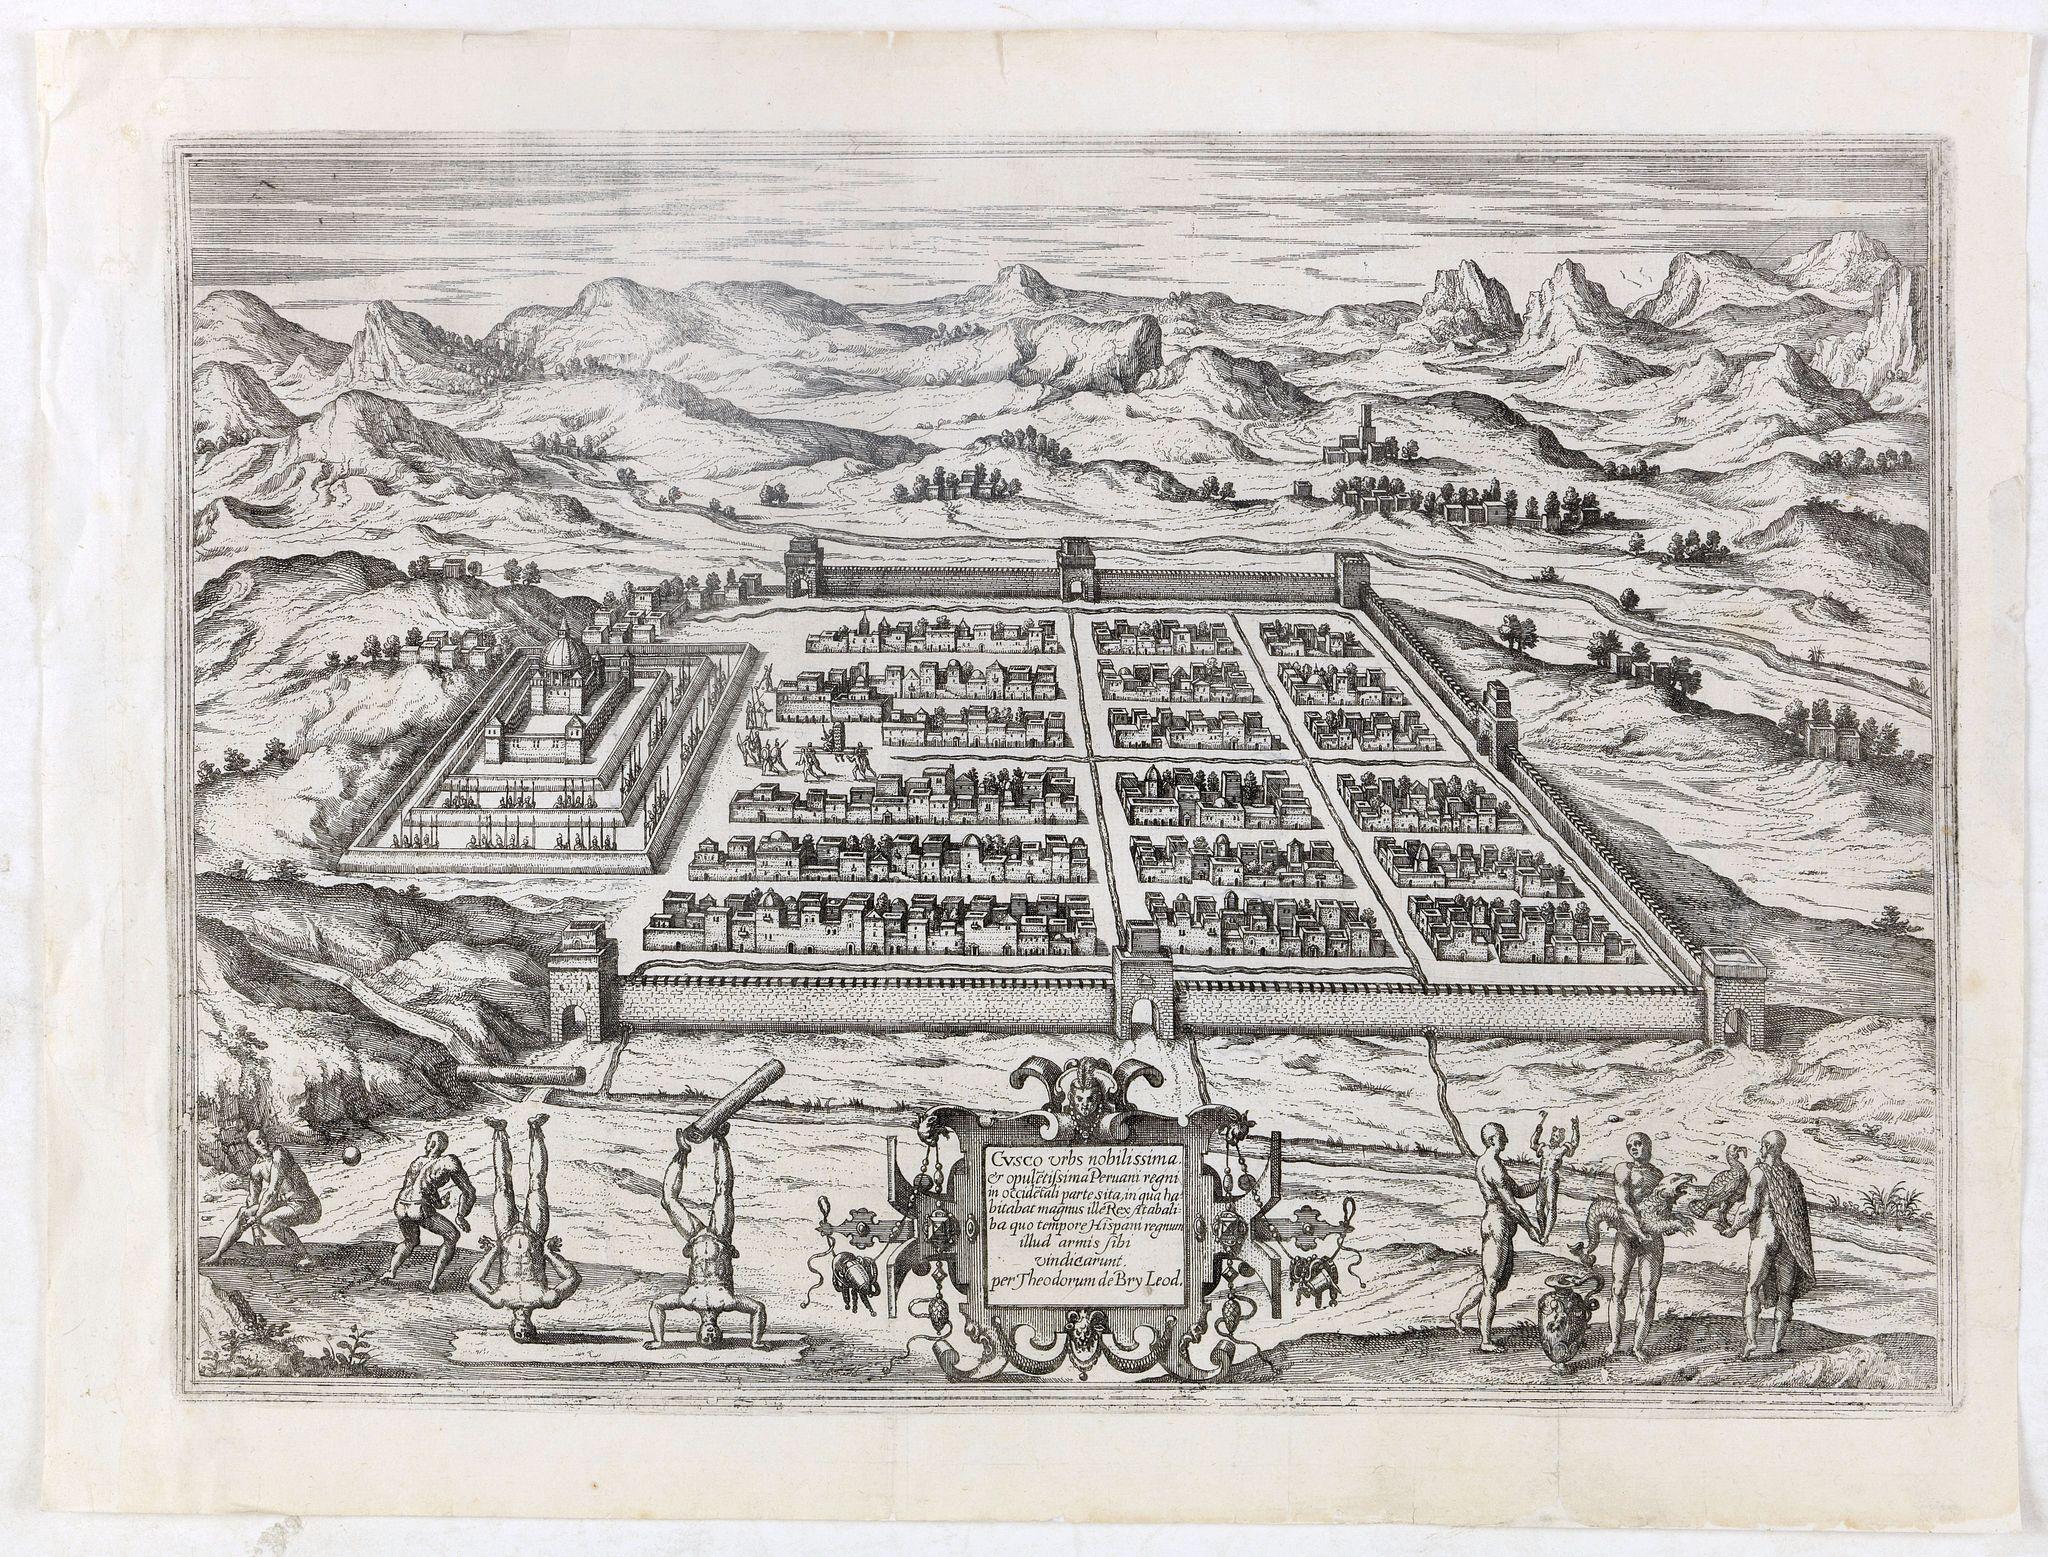 DE BRY, Th. -  Cusco urbs nobilissima & opule[n]tissima Peruani regni in occide[n]tali parte. . .